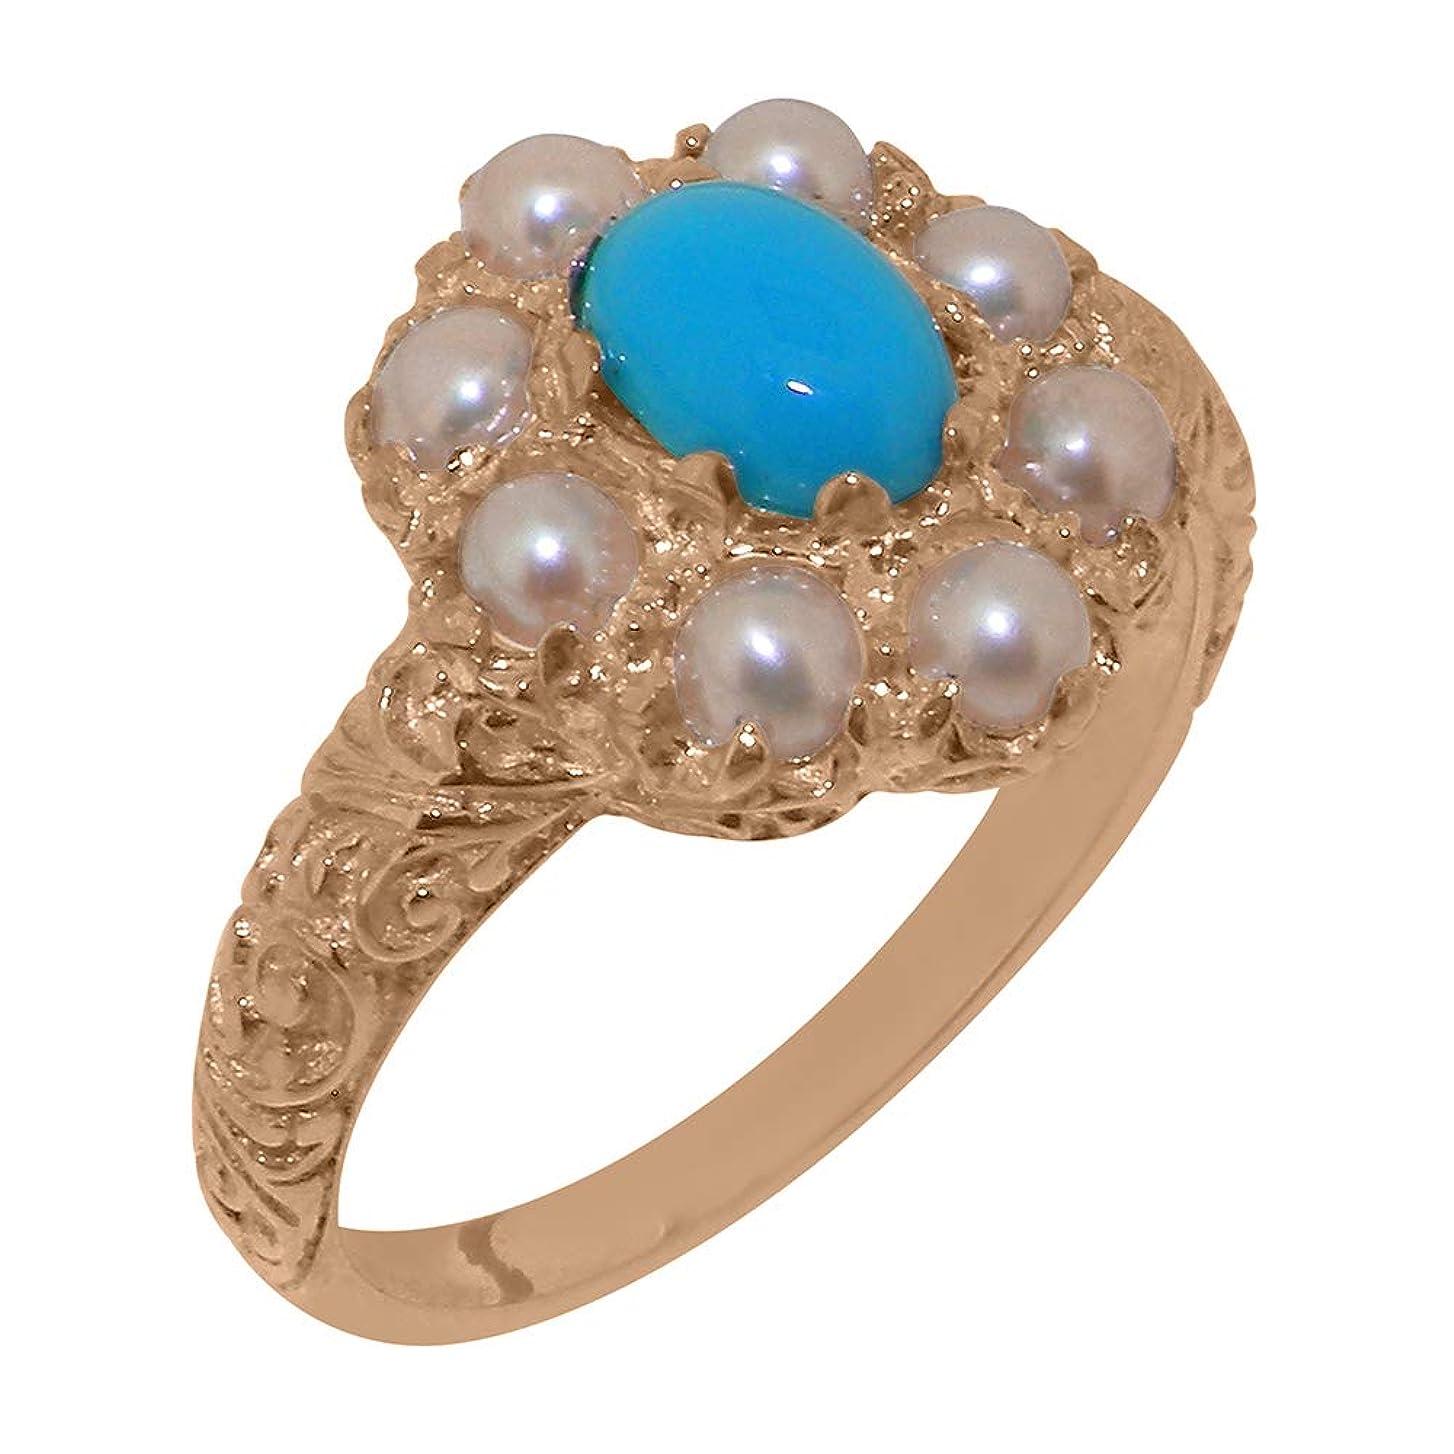 カンガルー先のことを考えるブレス英国製(イギリス製) K9 ピンクゴールド 天然 ターコイズパール レディースー クラスター リング 指輪 各種 サイズ あり